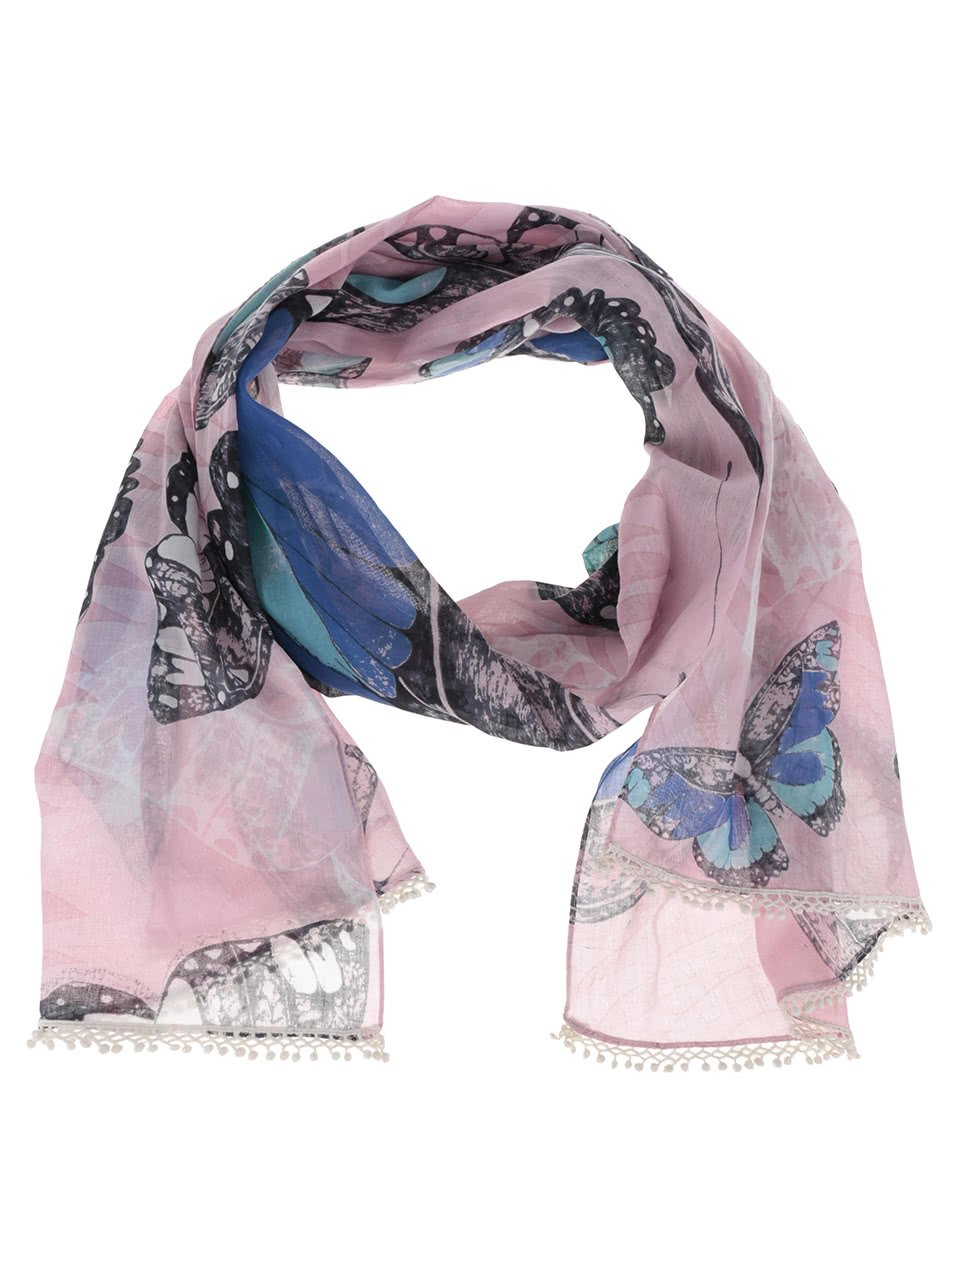 Modro-růžový šátek s potiskem motýlů a ozdobnými lemy Disaster Into the wild